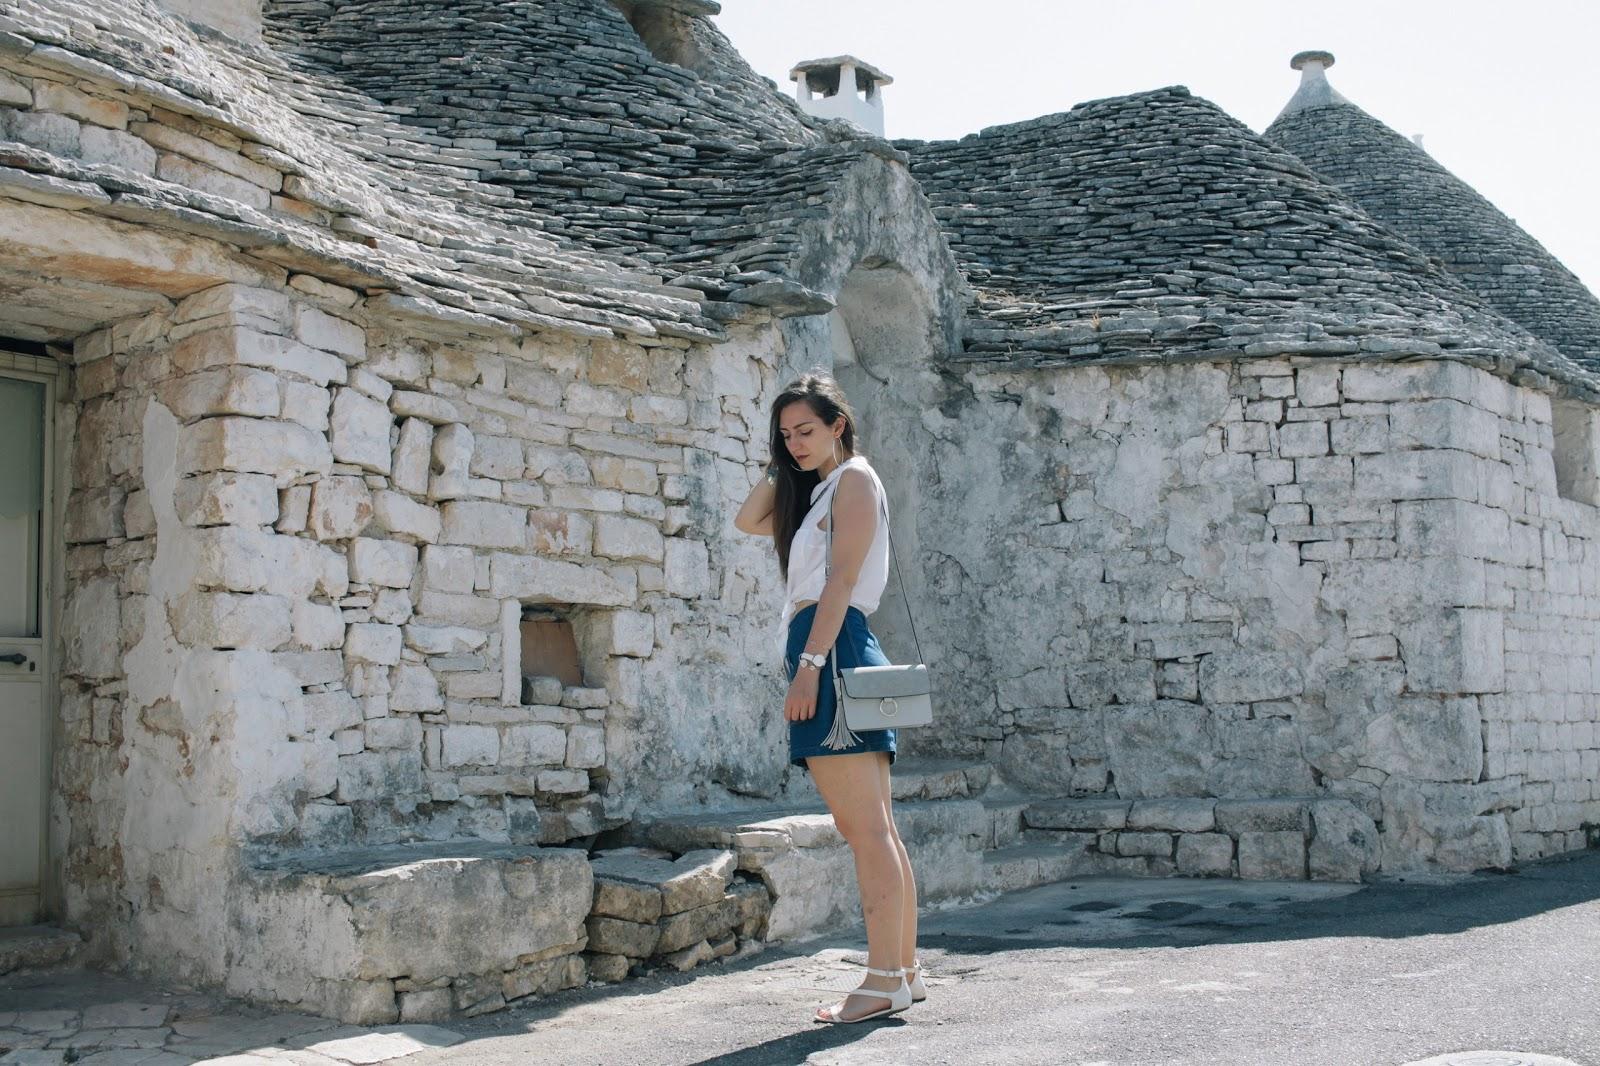 IDEE vacanze: Alberobello, la meta scelta da tutti! Outfit da turista.